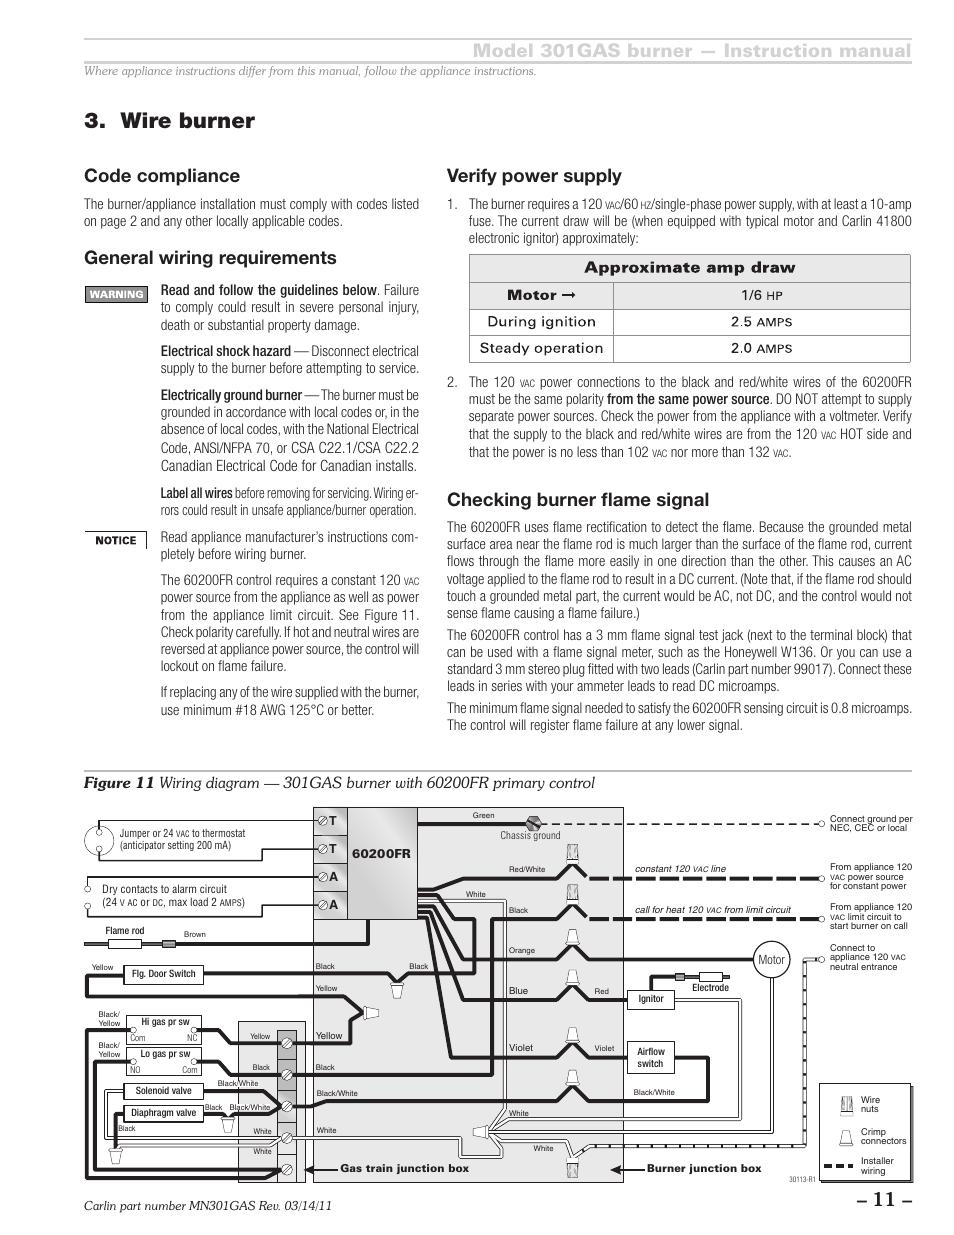 Wire burner, Model 301gas burner — instruction manual, General ...